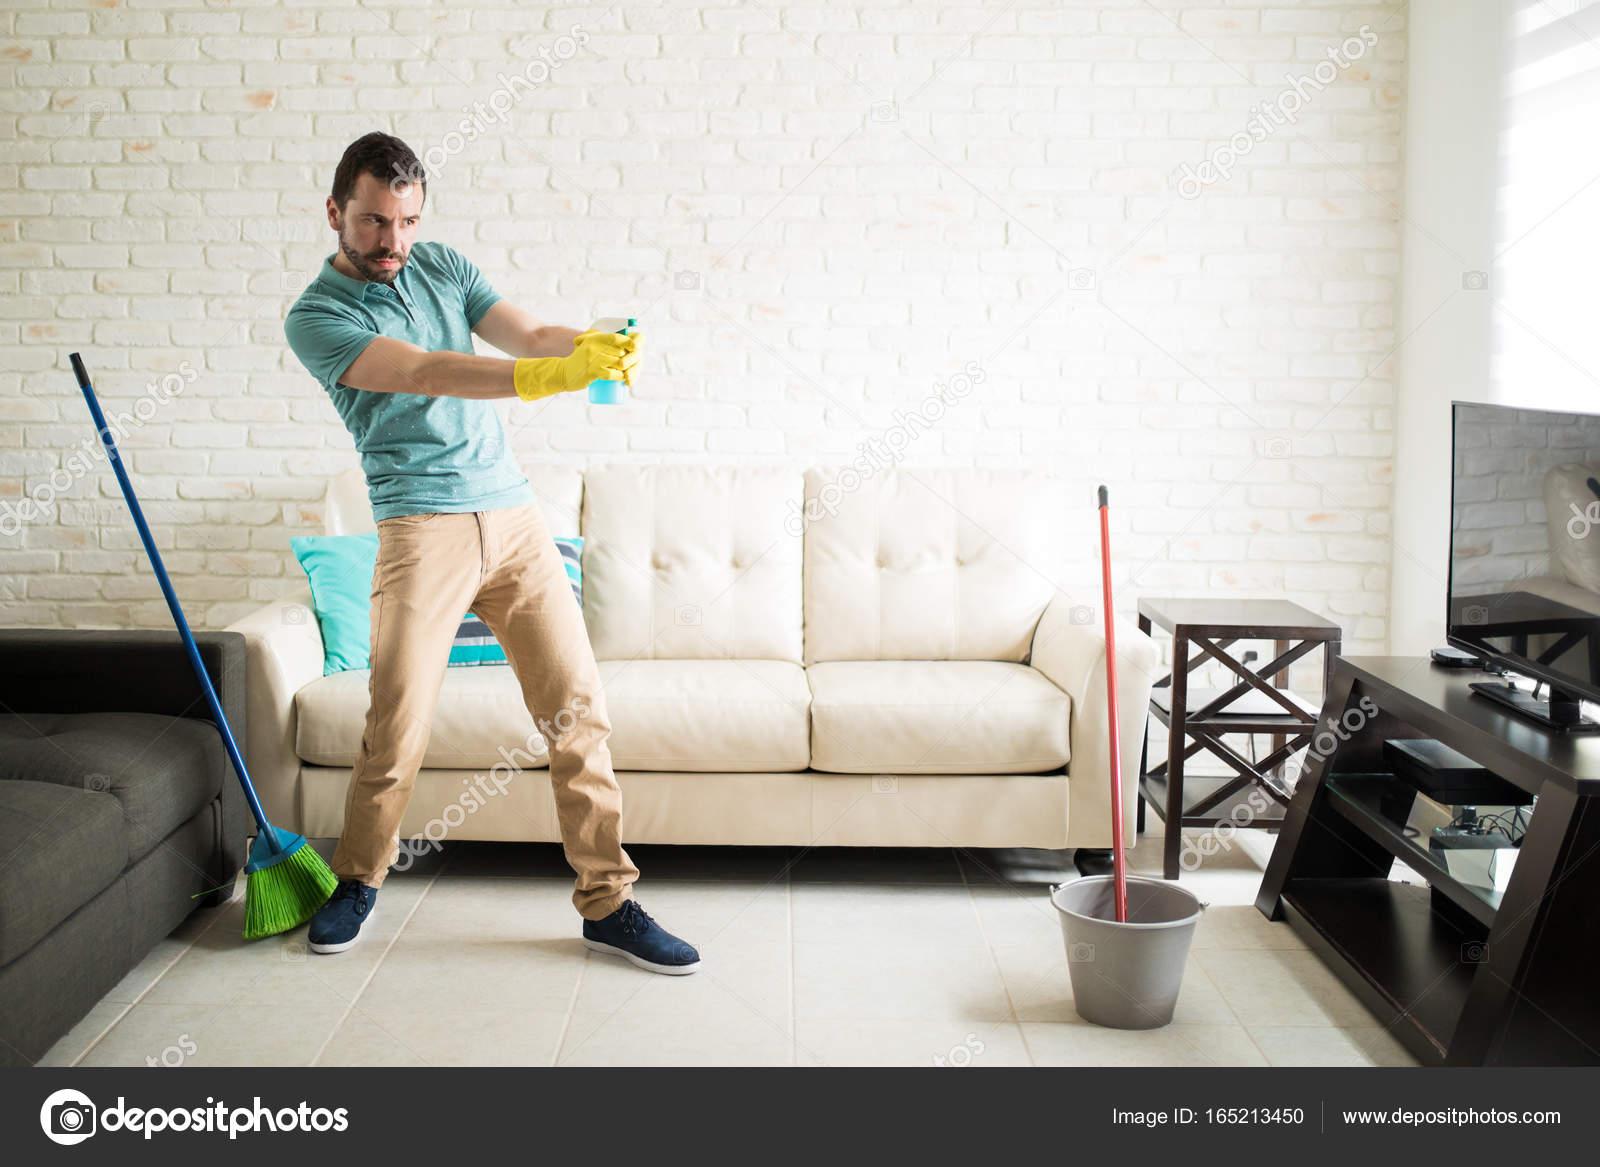 7c993a2700 άνθρωπος διατηρώντας το σπίτι καθαρό — Φωτογραφία Αρχείου © tonodiaz ...